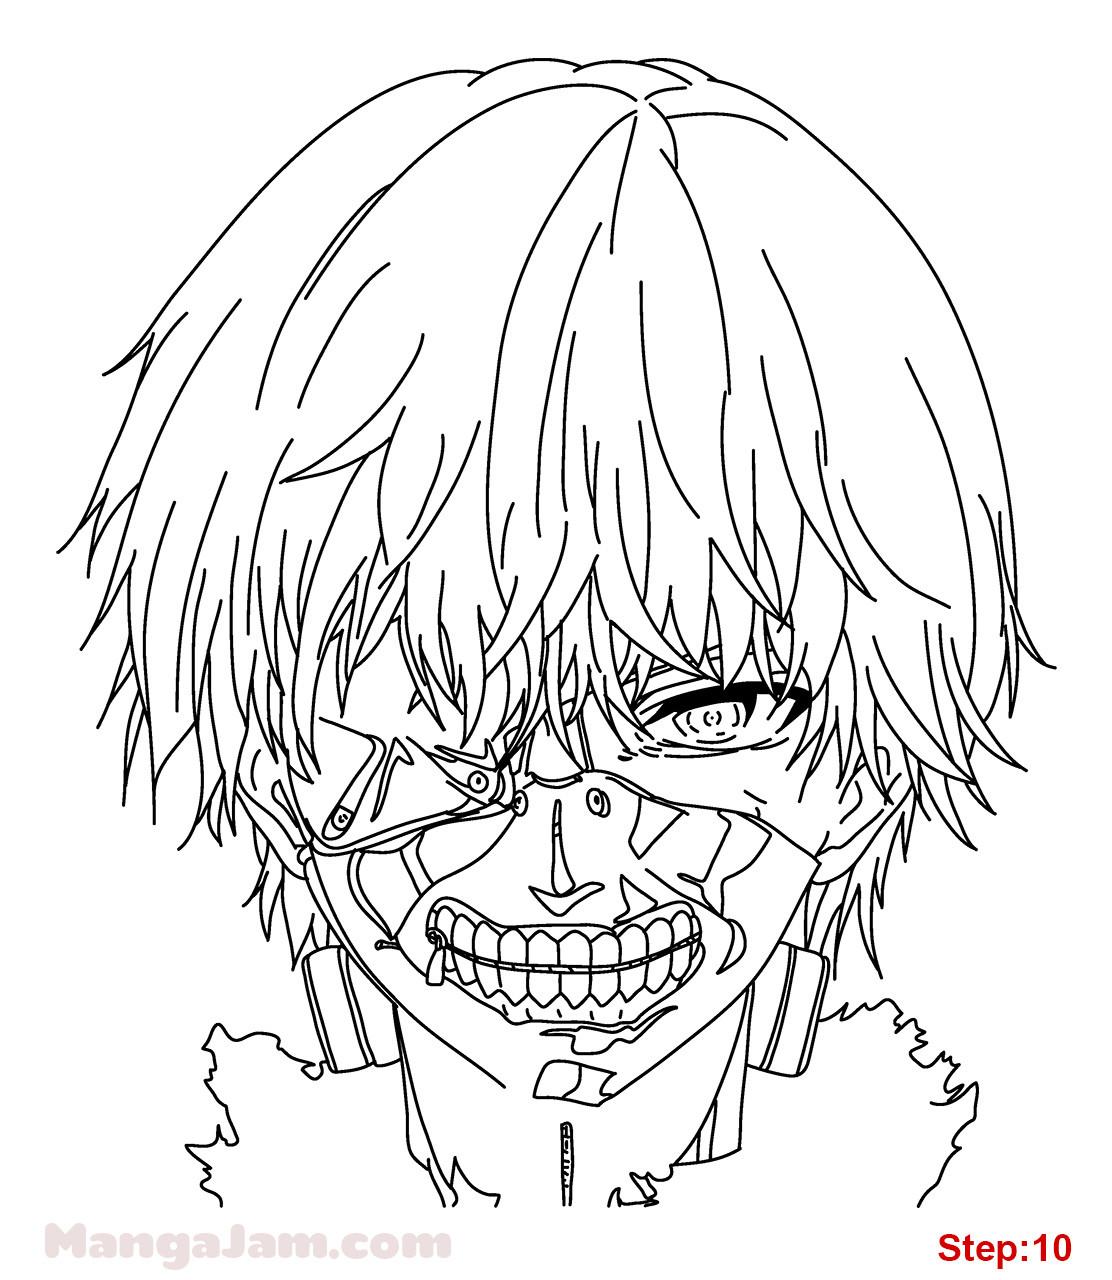 Tokyo Ghoul Ausmalbilder  How to Draw Kaneki Ken from Tokyo Ghoul Mangajam